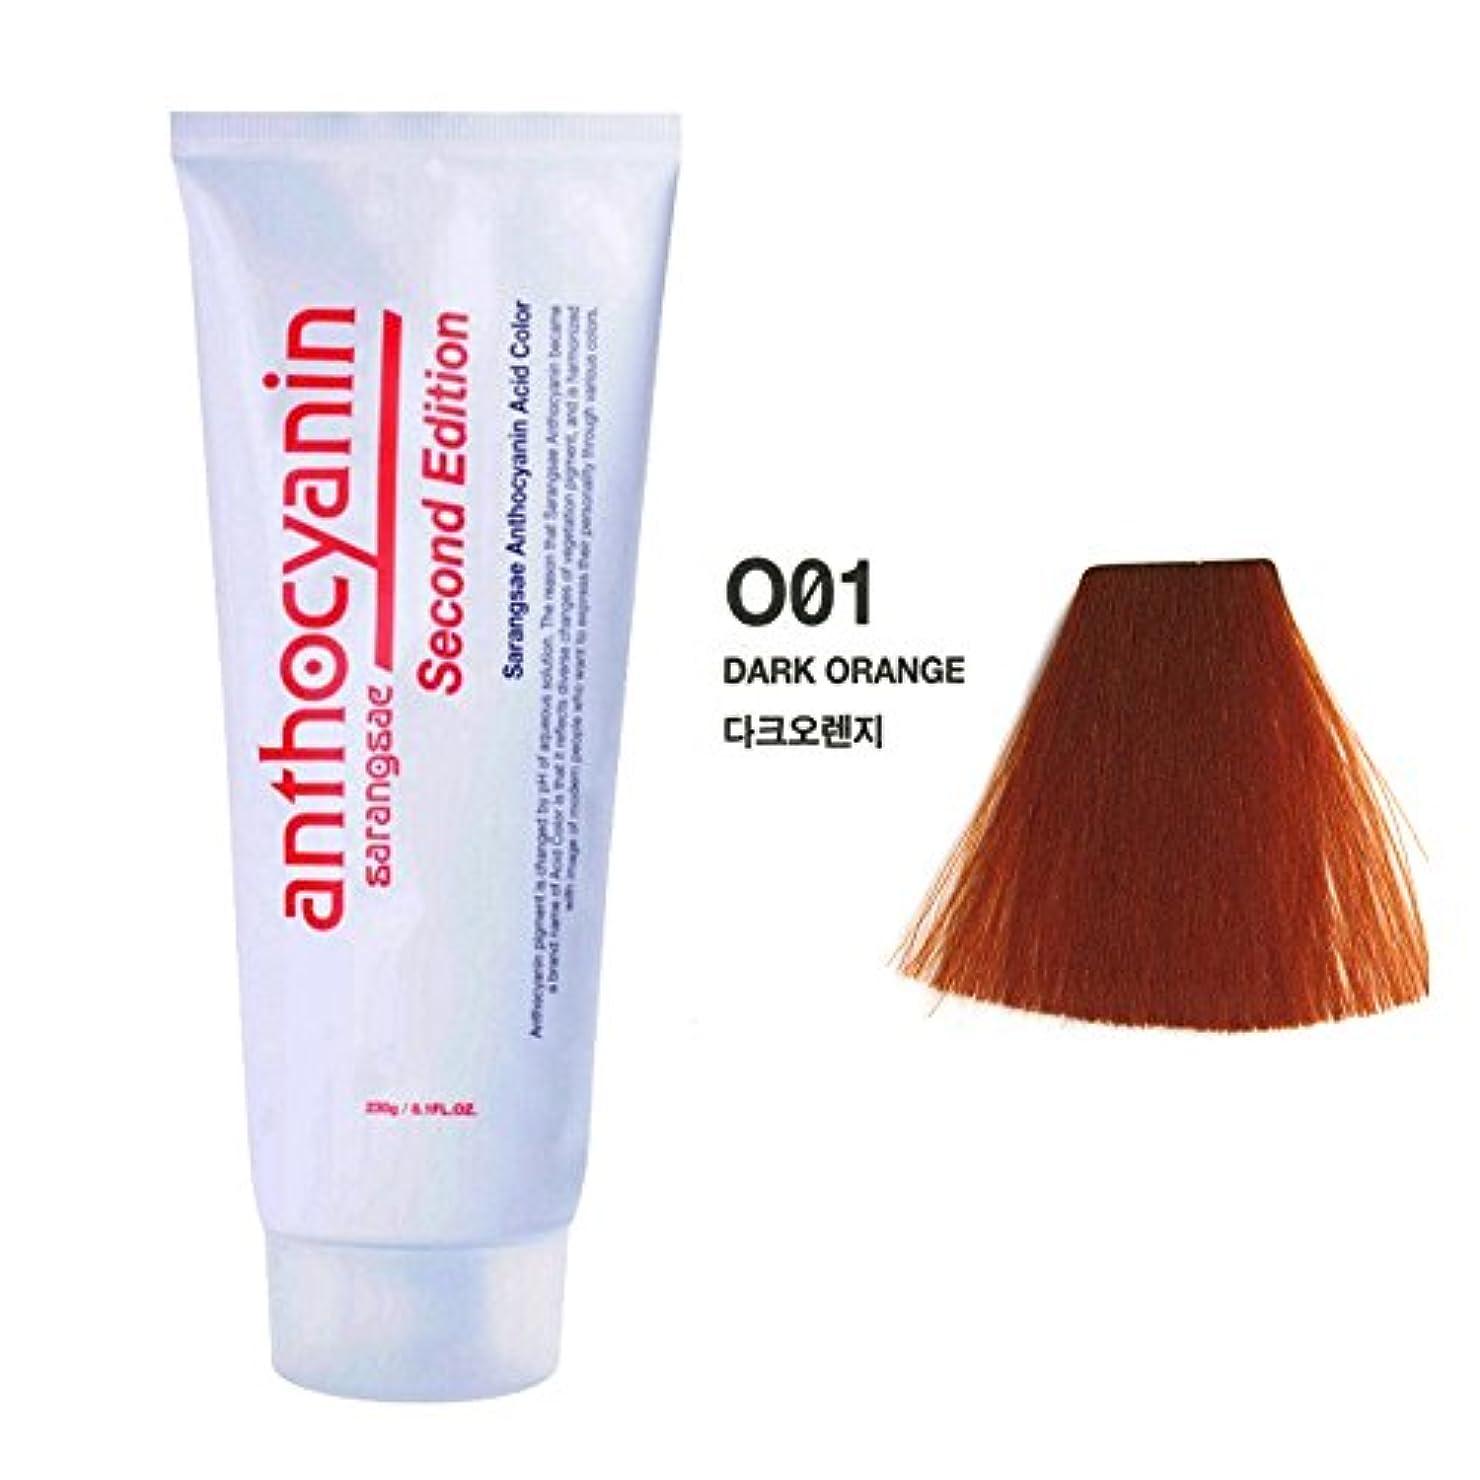 重要抗生物質摂氏度ヘア マニキュア カラー セカンド エディション 230g セミ パーマネント 染毛剤 ( Hair Manicure Color Second Edition 230g Semi Permanent Hair Dye) [並行輸入品] (O01 Dark Orange)